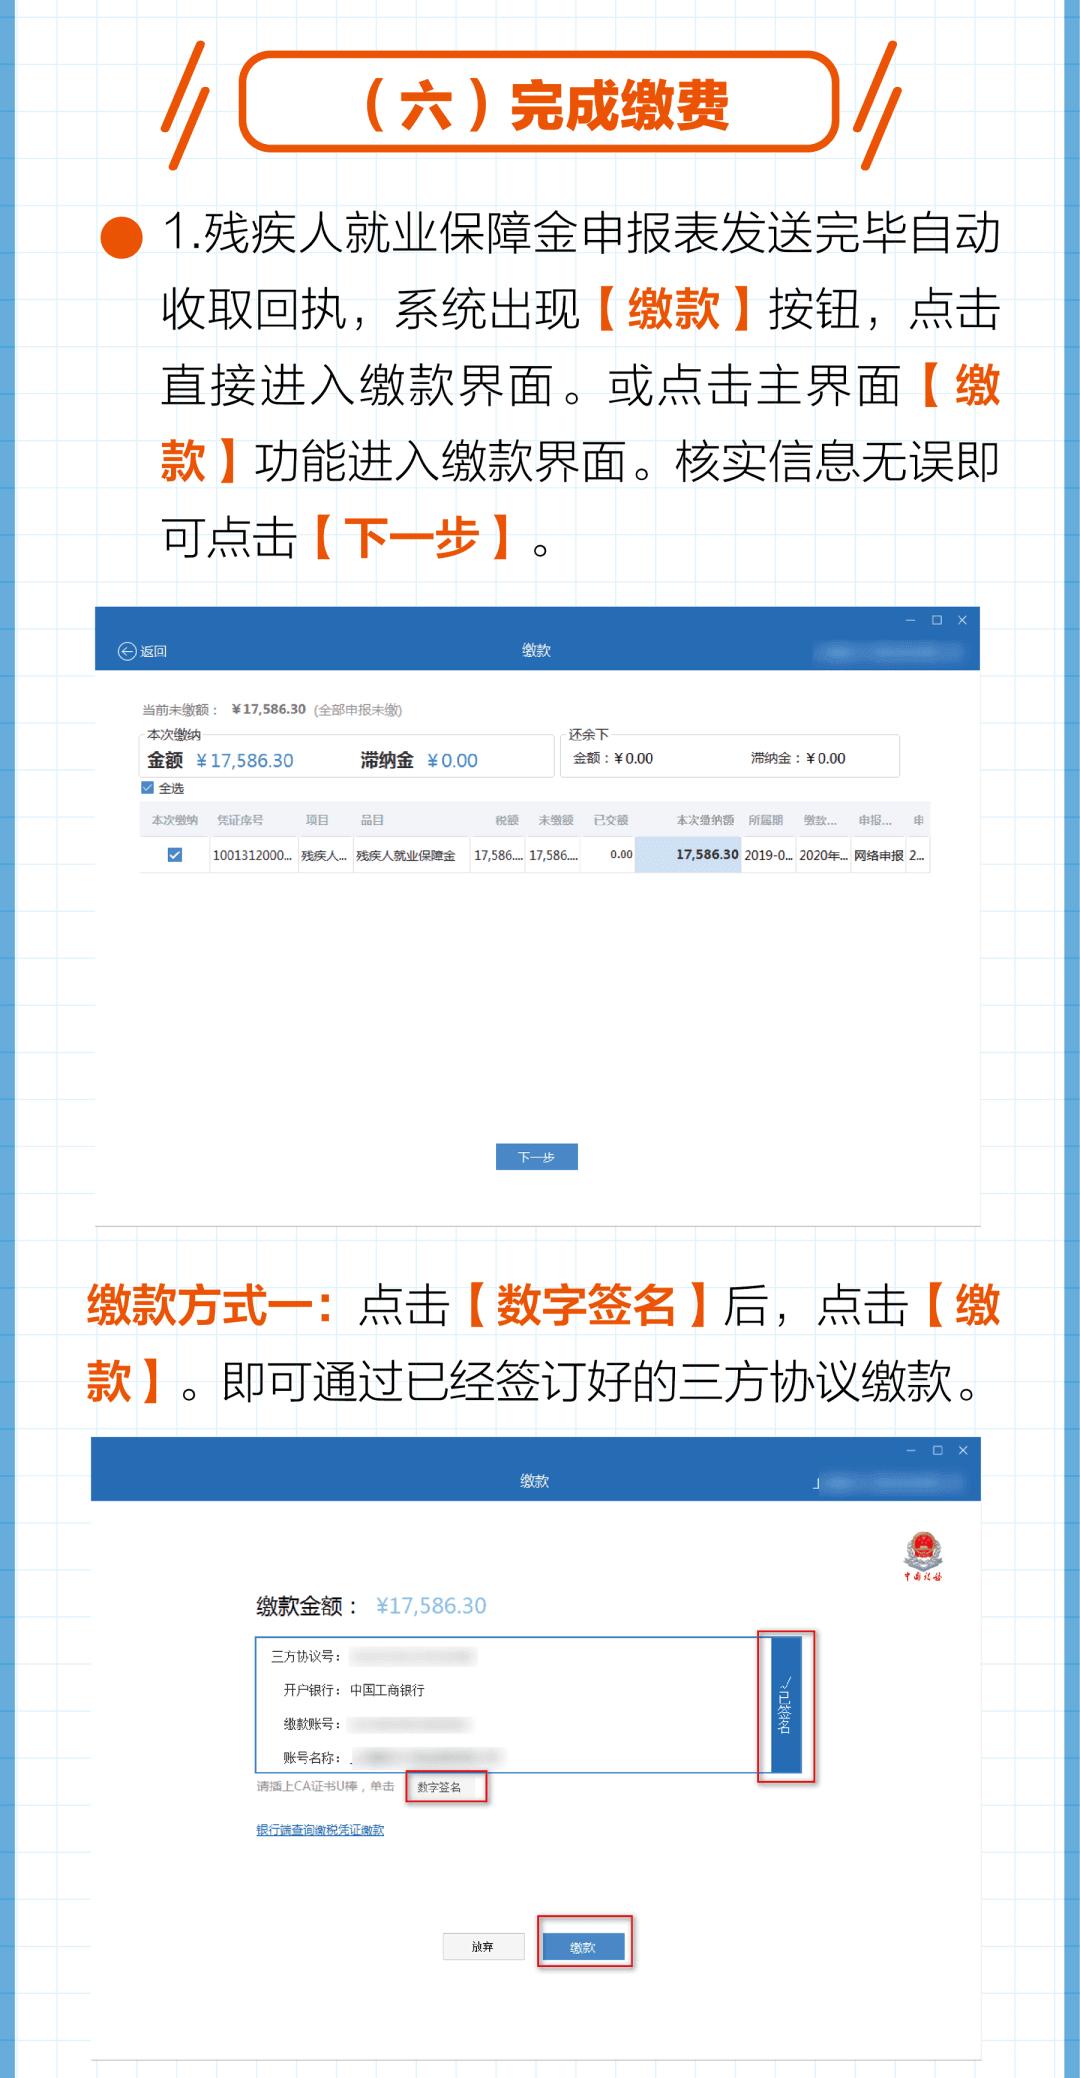 2020年上海残疾人就业保障金开始申报缴费啦!【操作指南】带您一图读懂网上申报缴费全流程!插图(11)